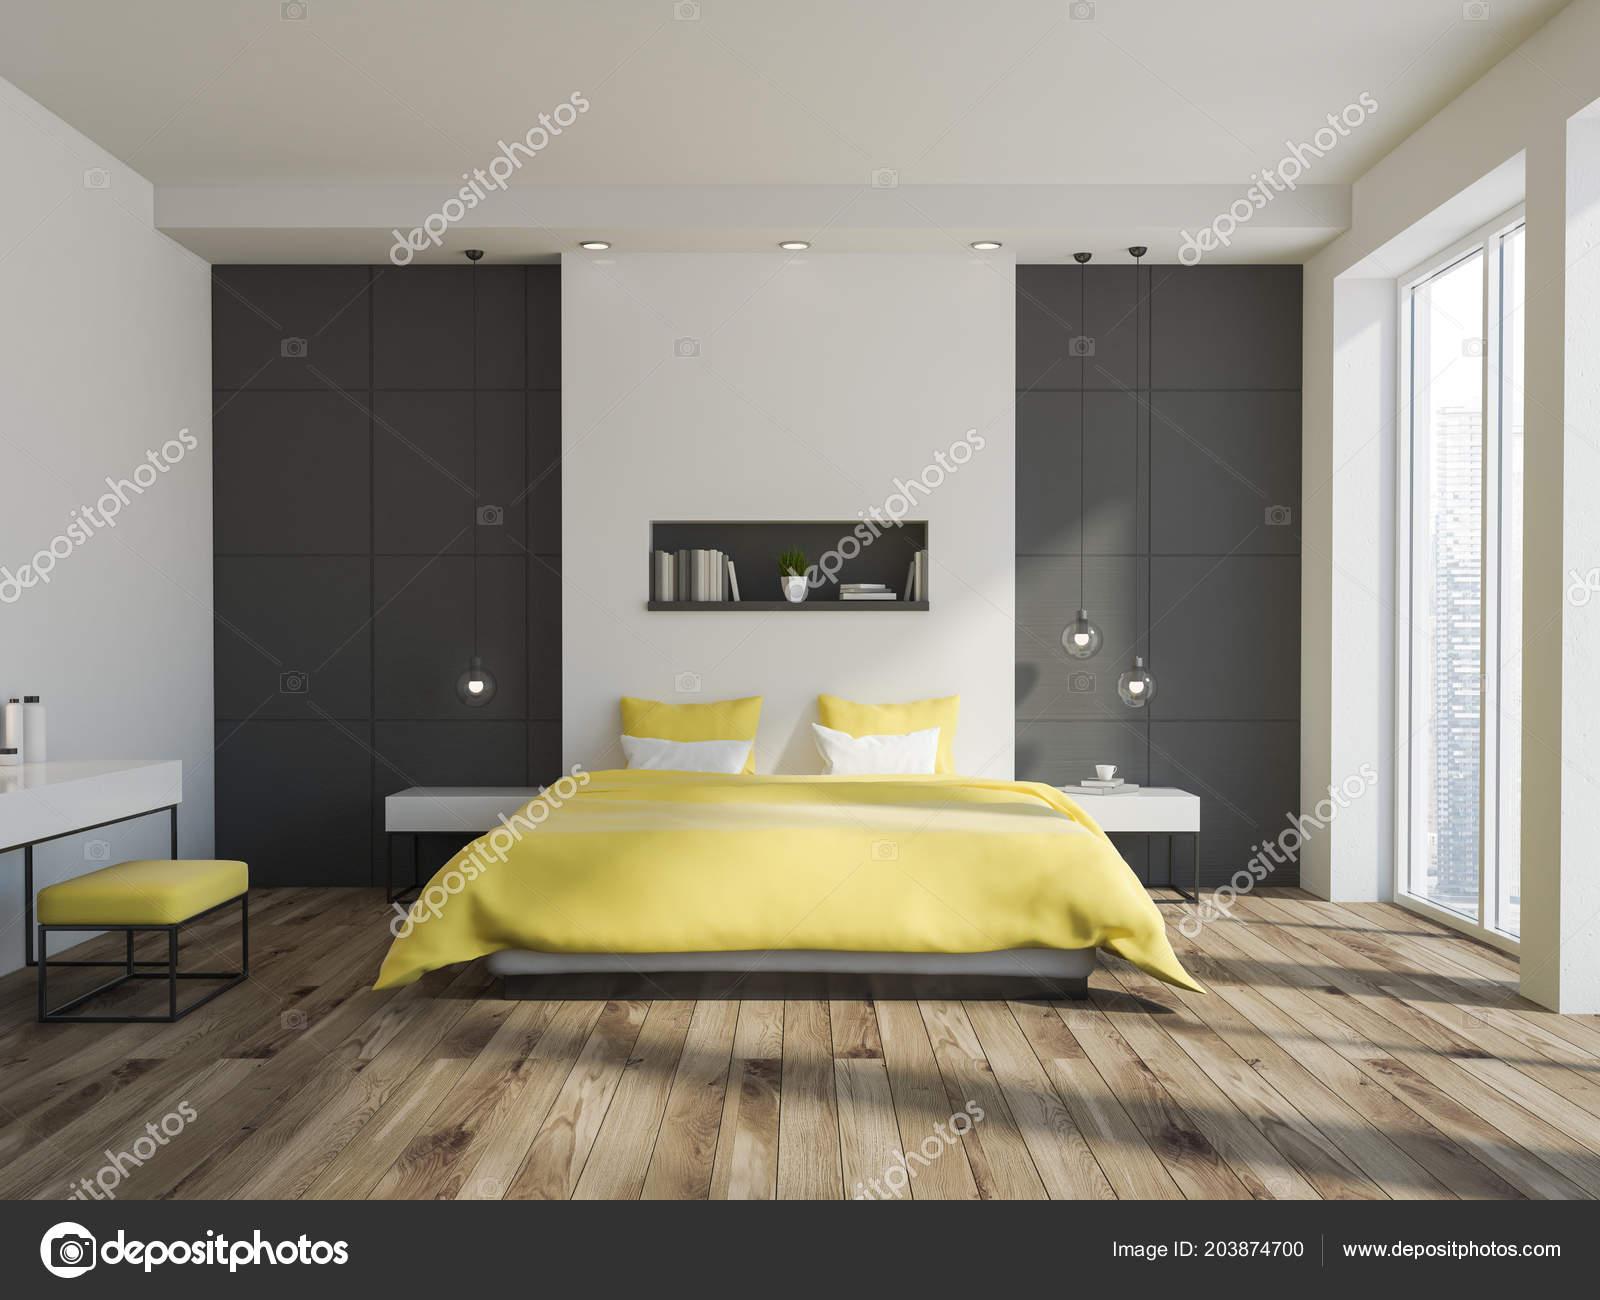 Blanc Gris Mur Intérieur Chambre Coucher Avec Lit Jaune Une ...